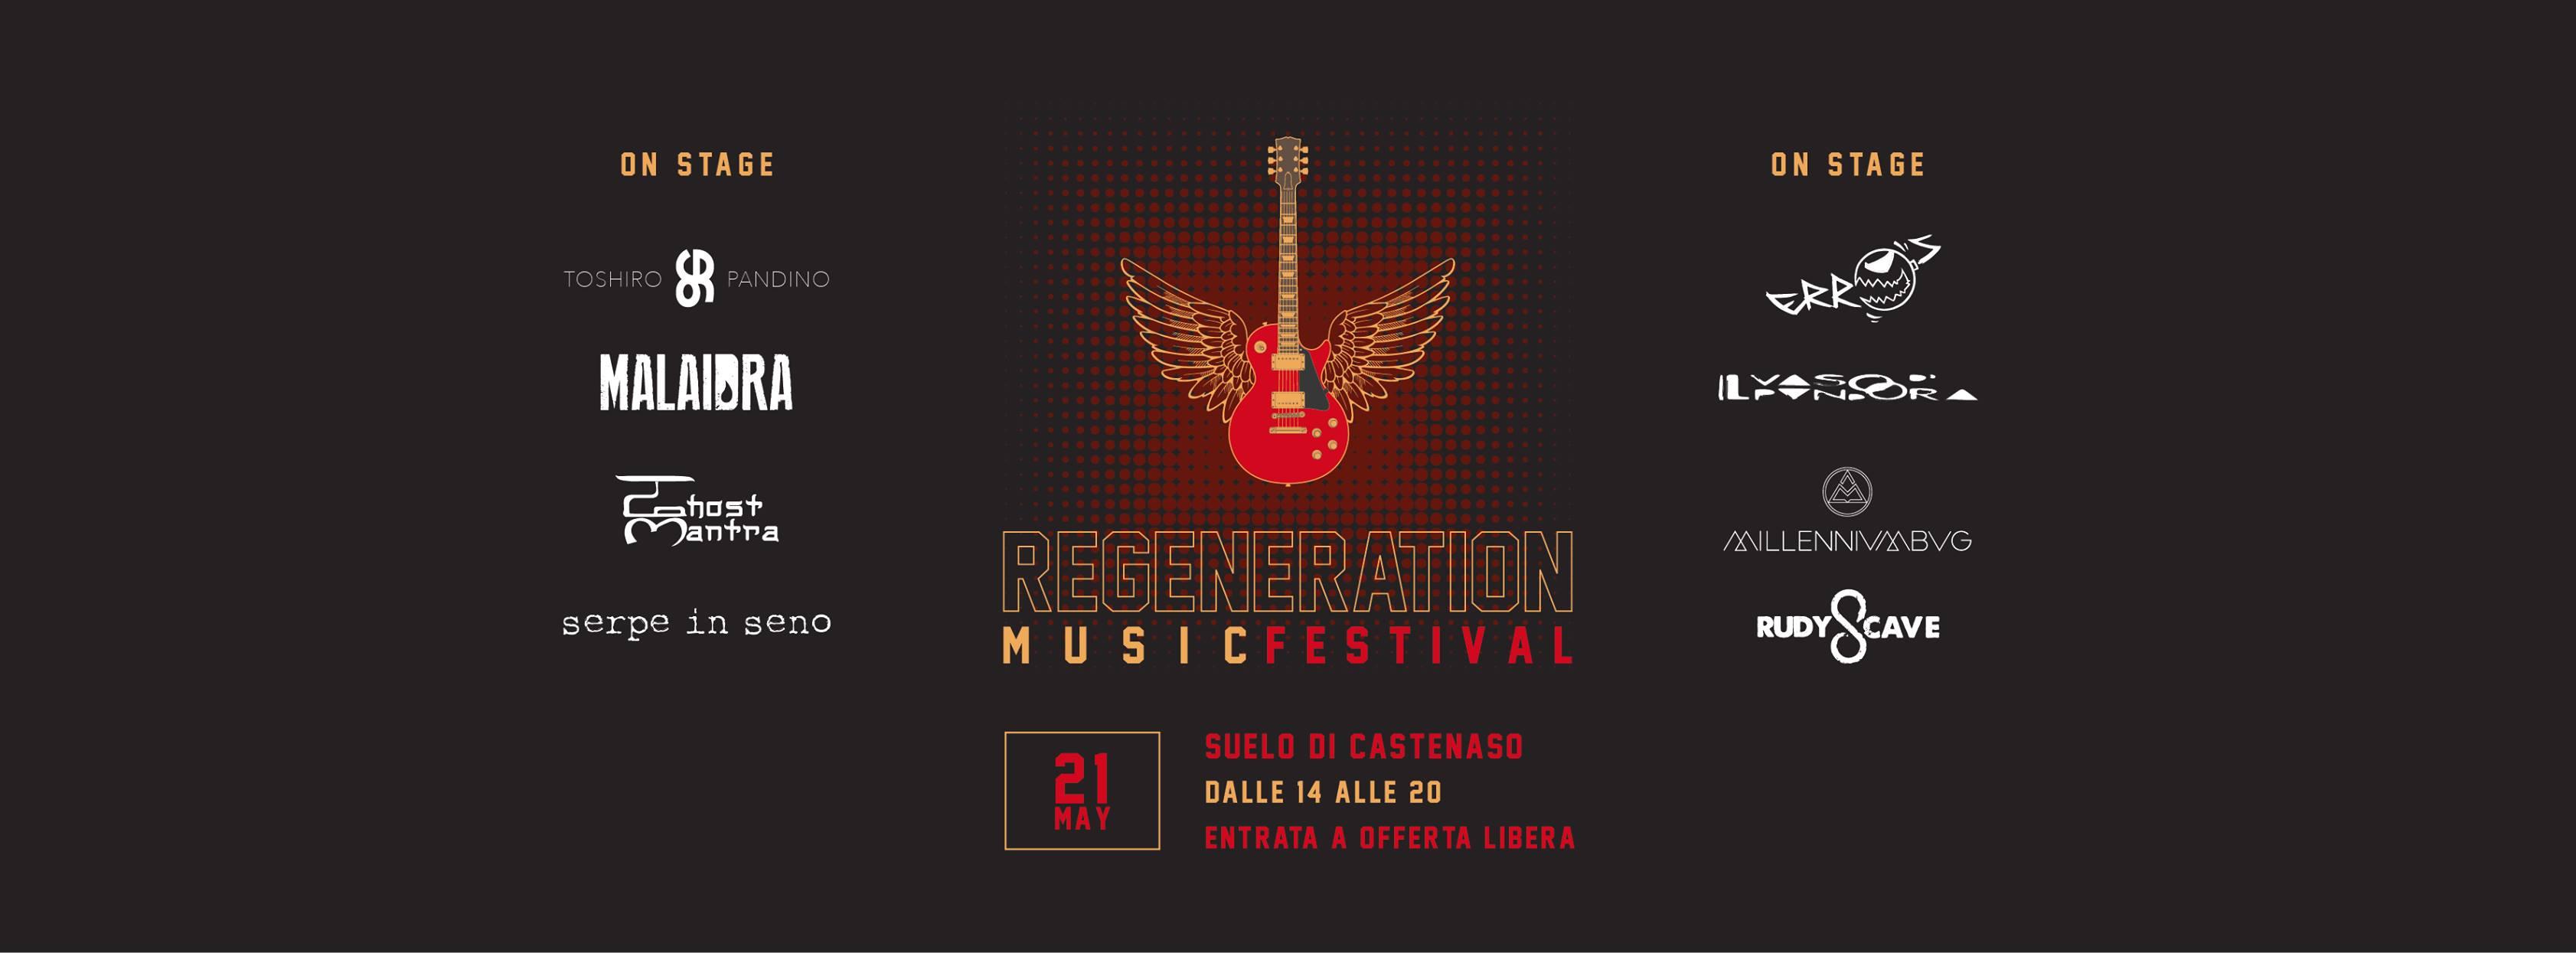 Regeneration Festival, Castenaso (BO)